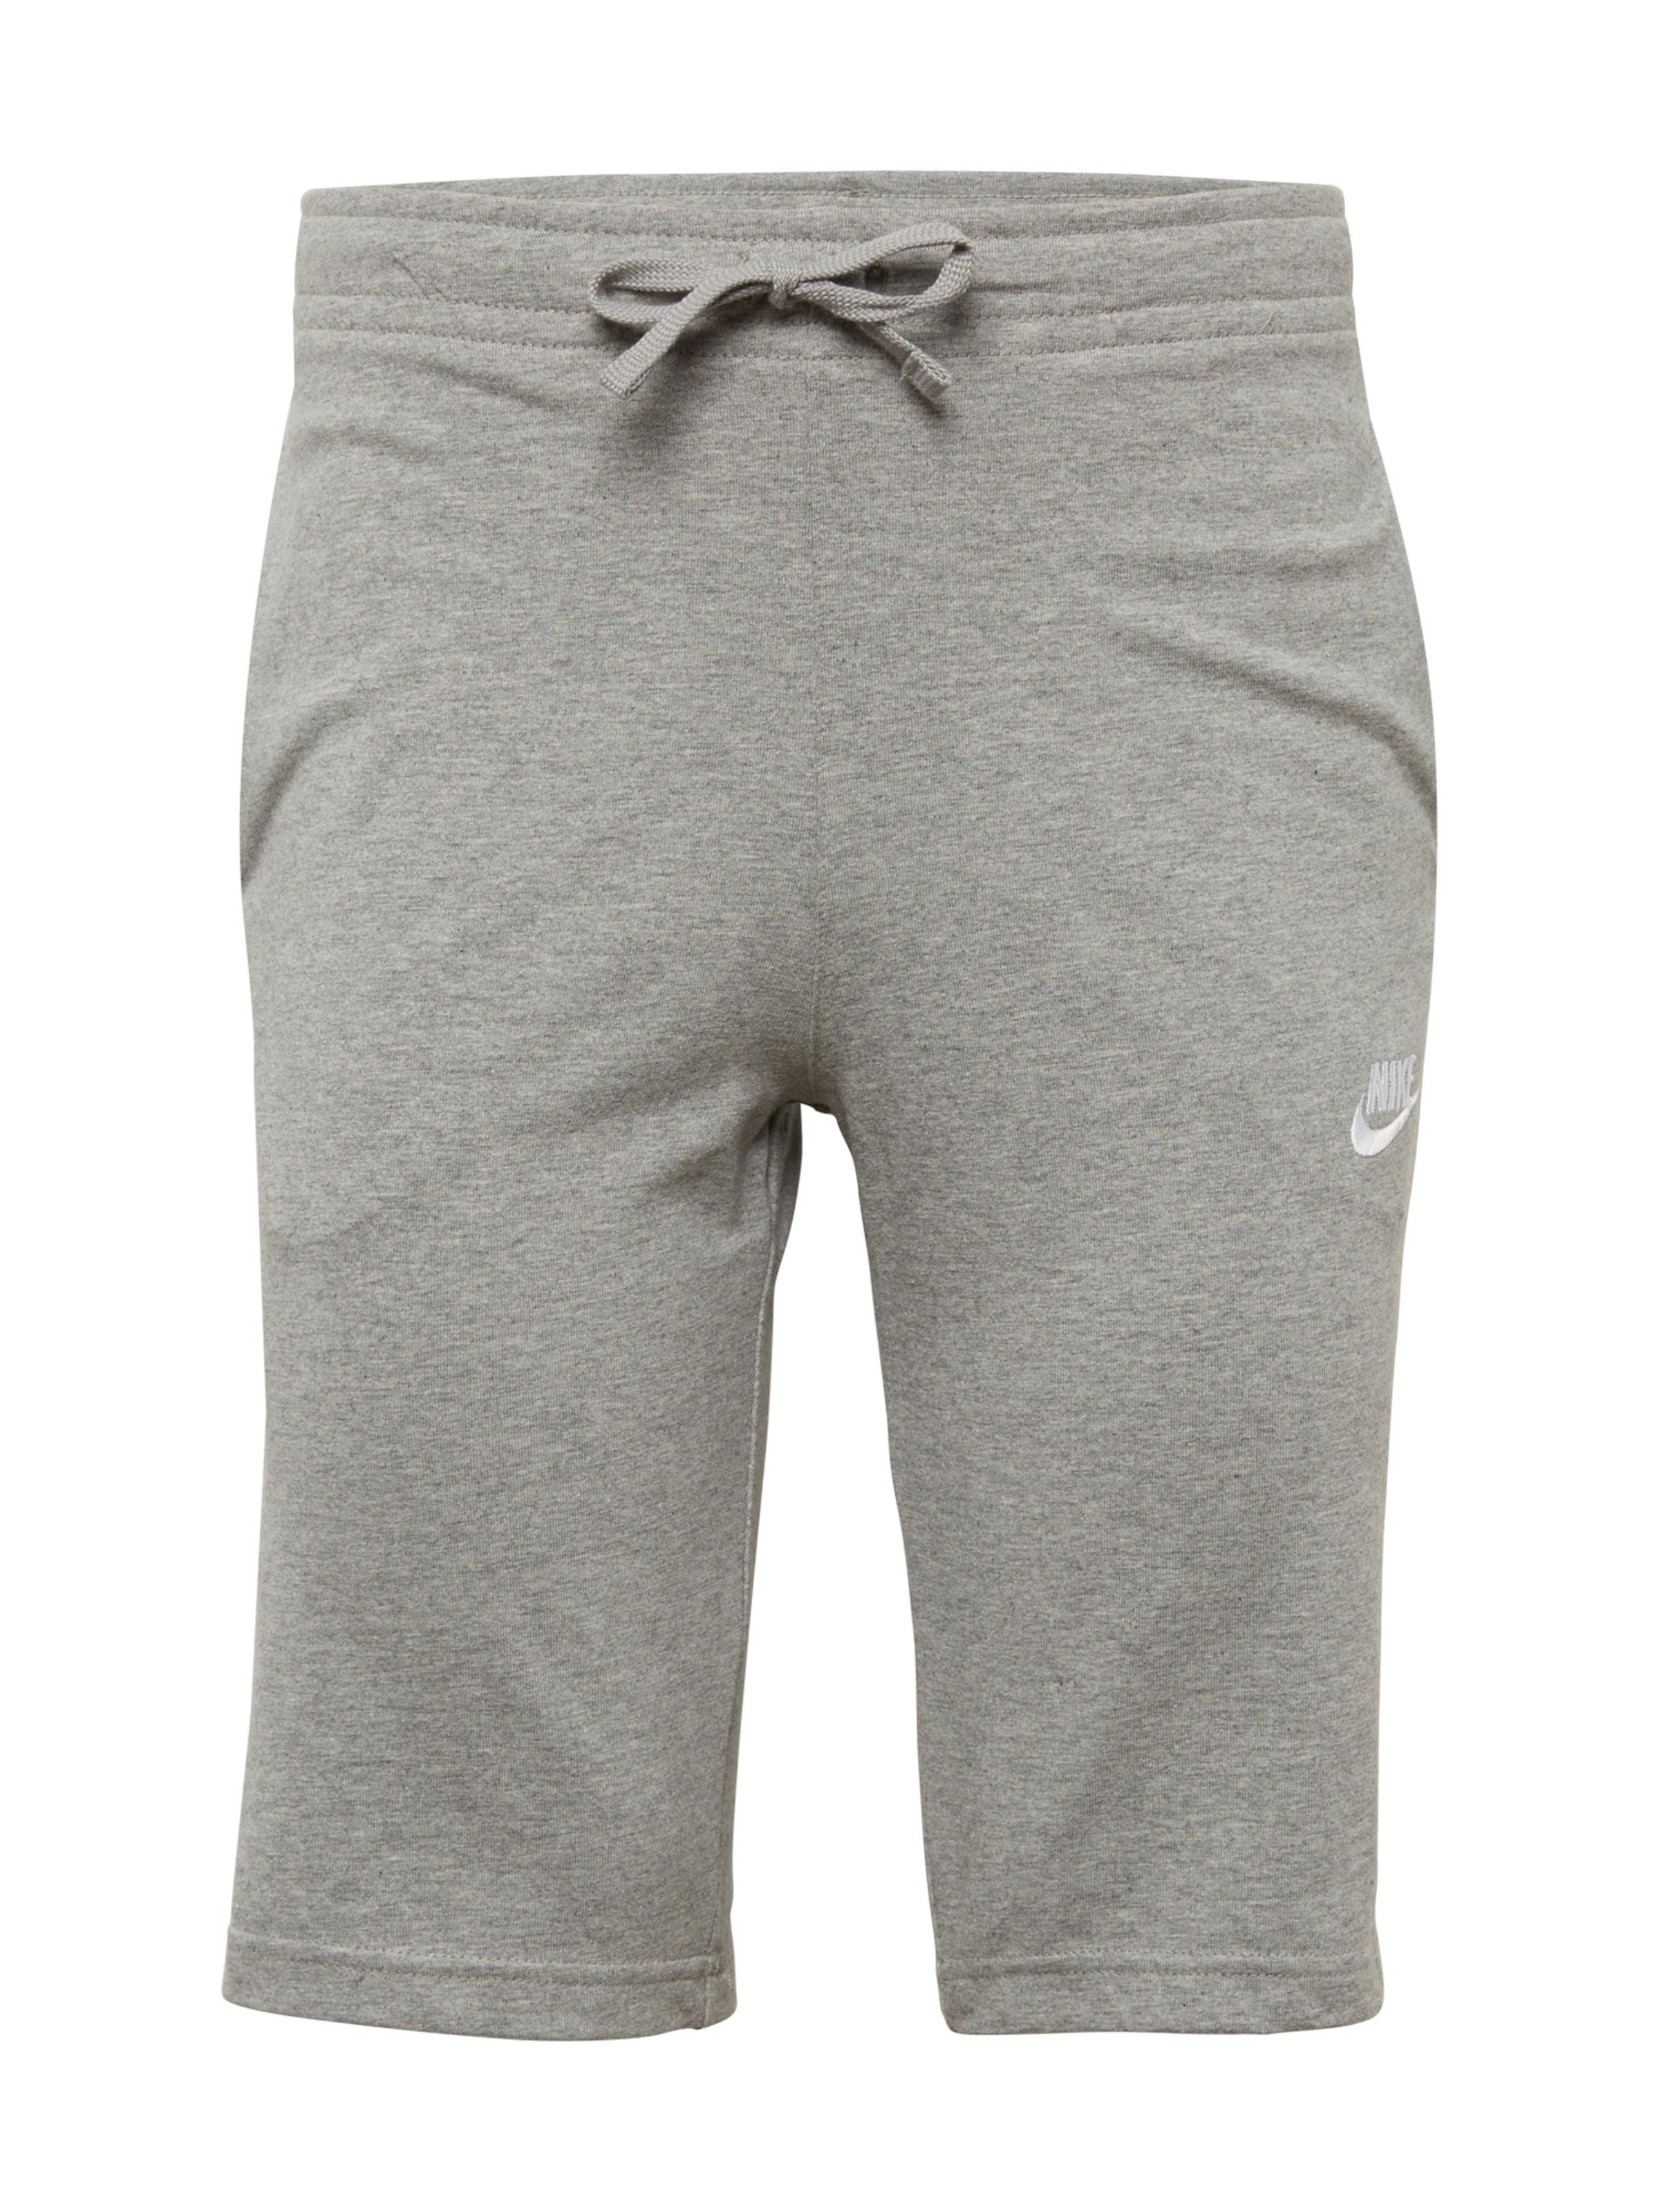 En Sportswear Pantalon Sportswear Gris Nike Nike Pantalon Nike Gris En Sportswear En Nike Pantalon Gris xn1a5A